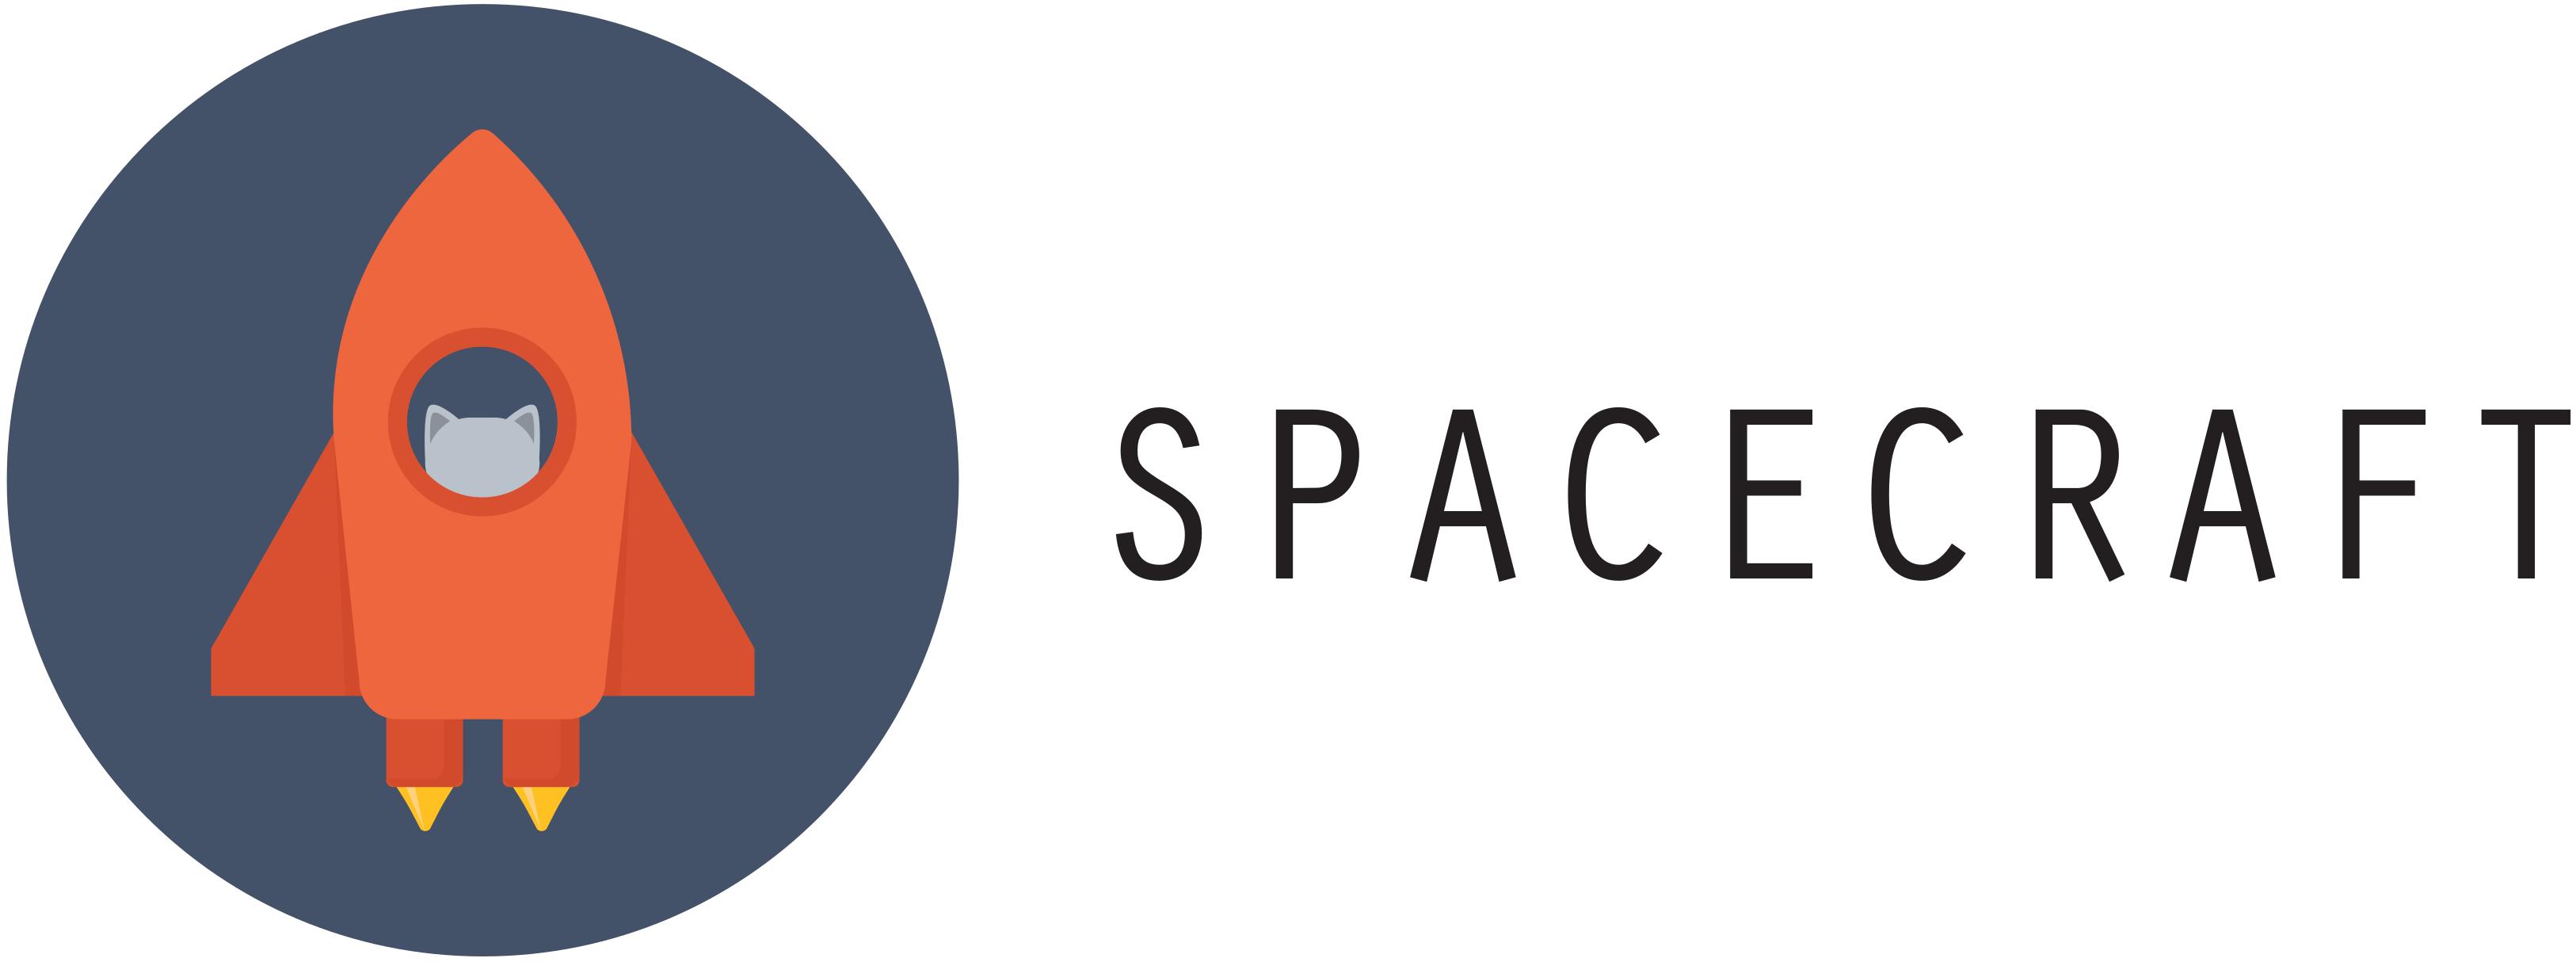 spacecraft-logo